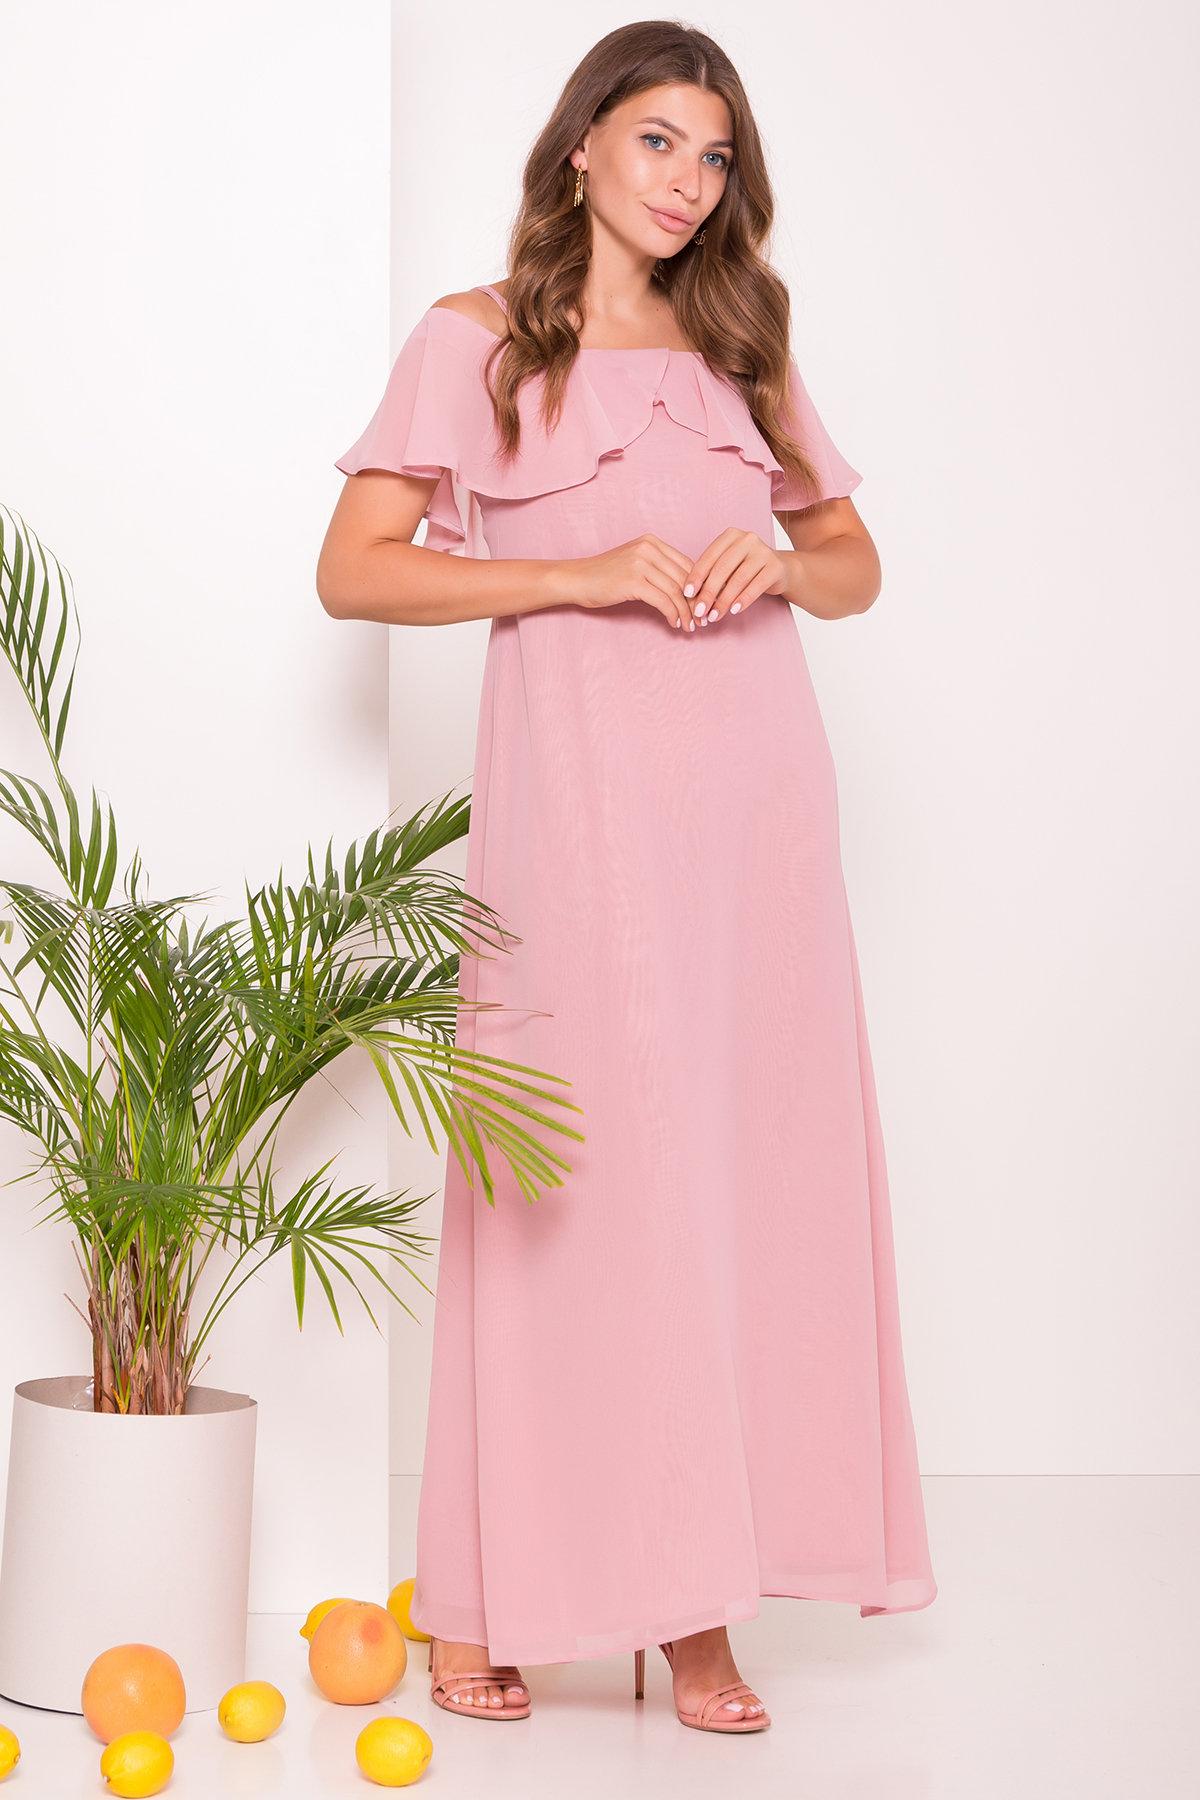 Платье Пикабу 7449 АРТ. 43242 Цвет: Пудра - фото 2, интернет магазин tm-modus.ru